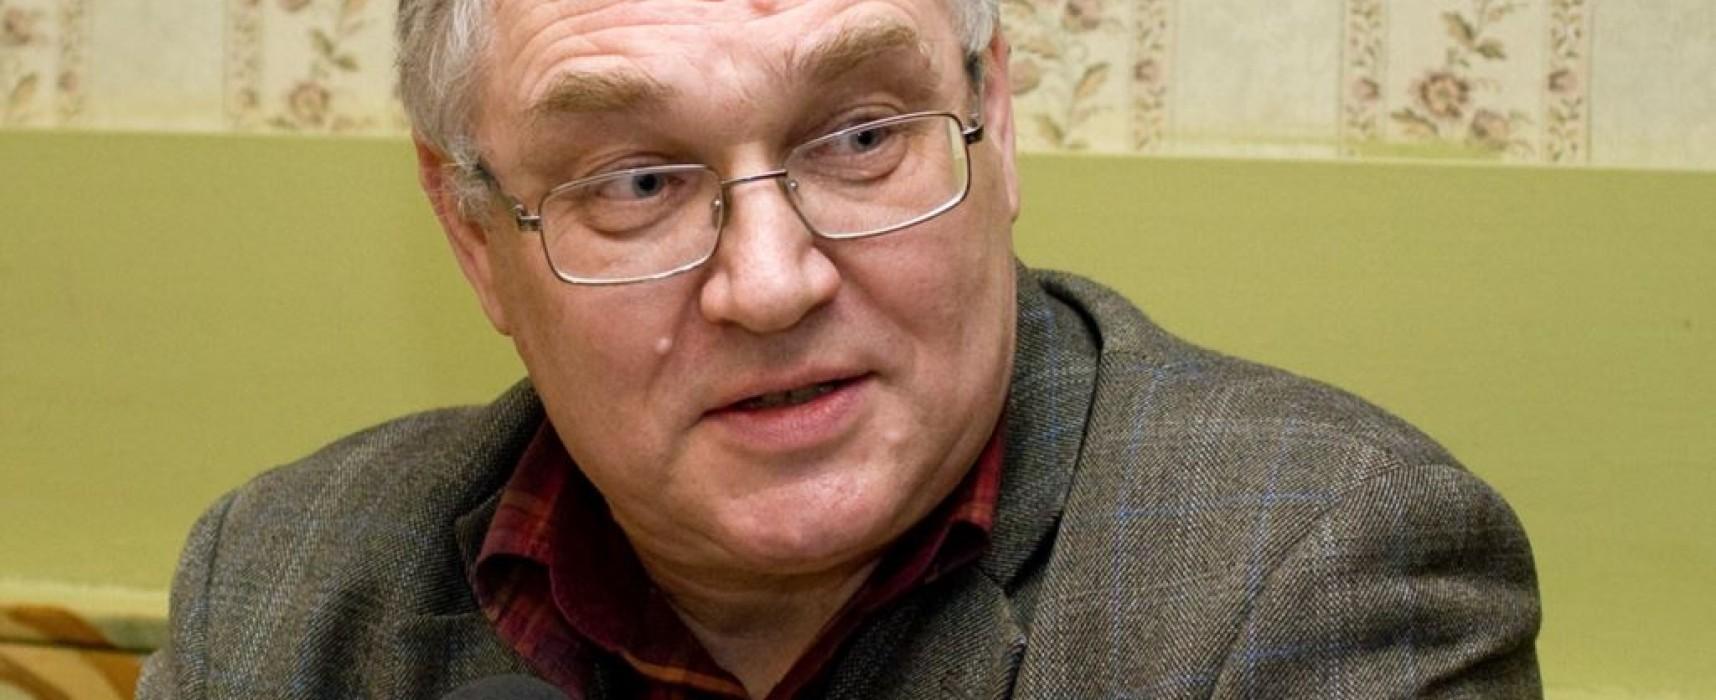 Лев Гудков: Потолок Путина. Что раздули российские СМИ